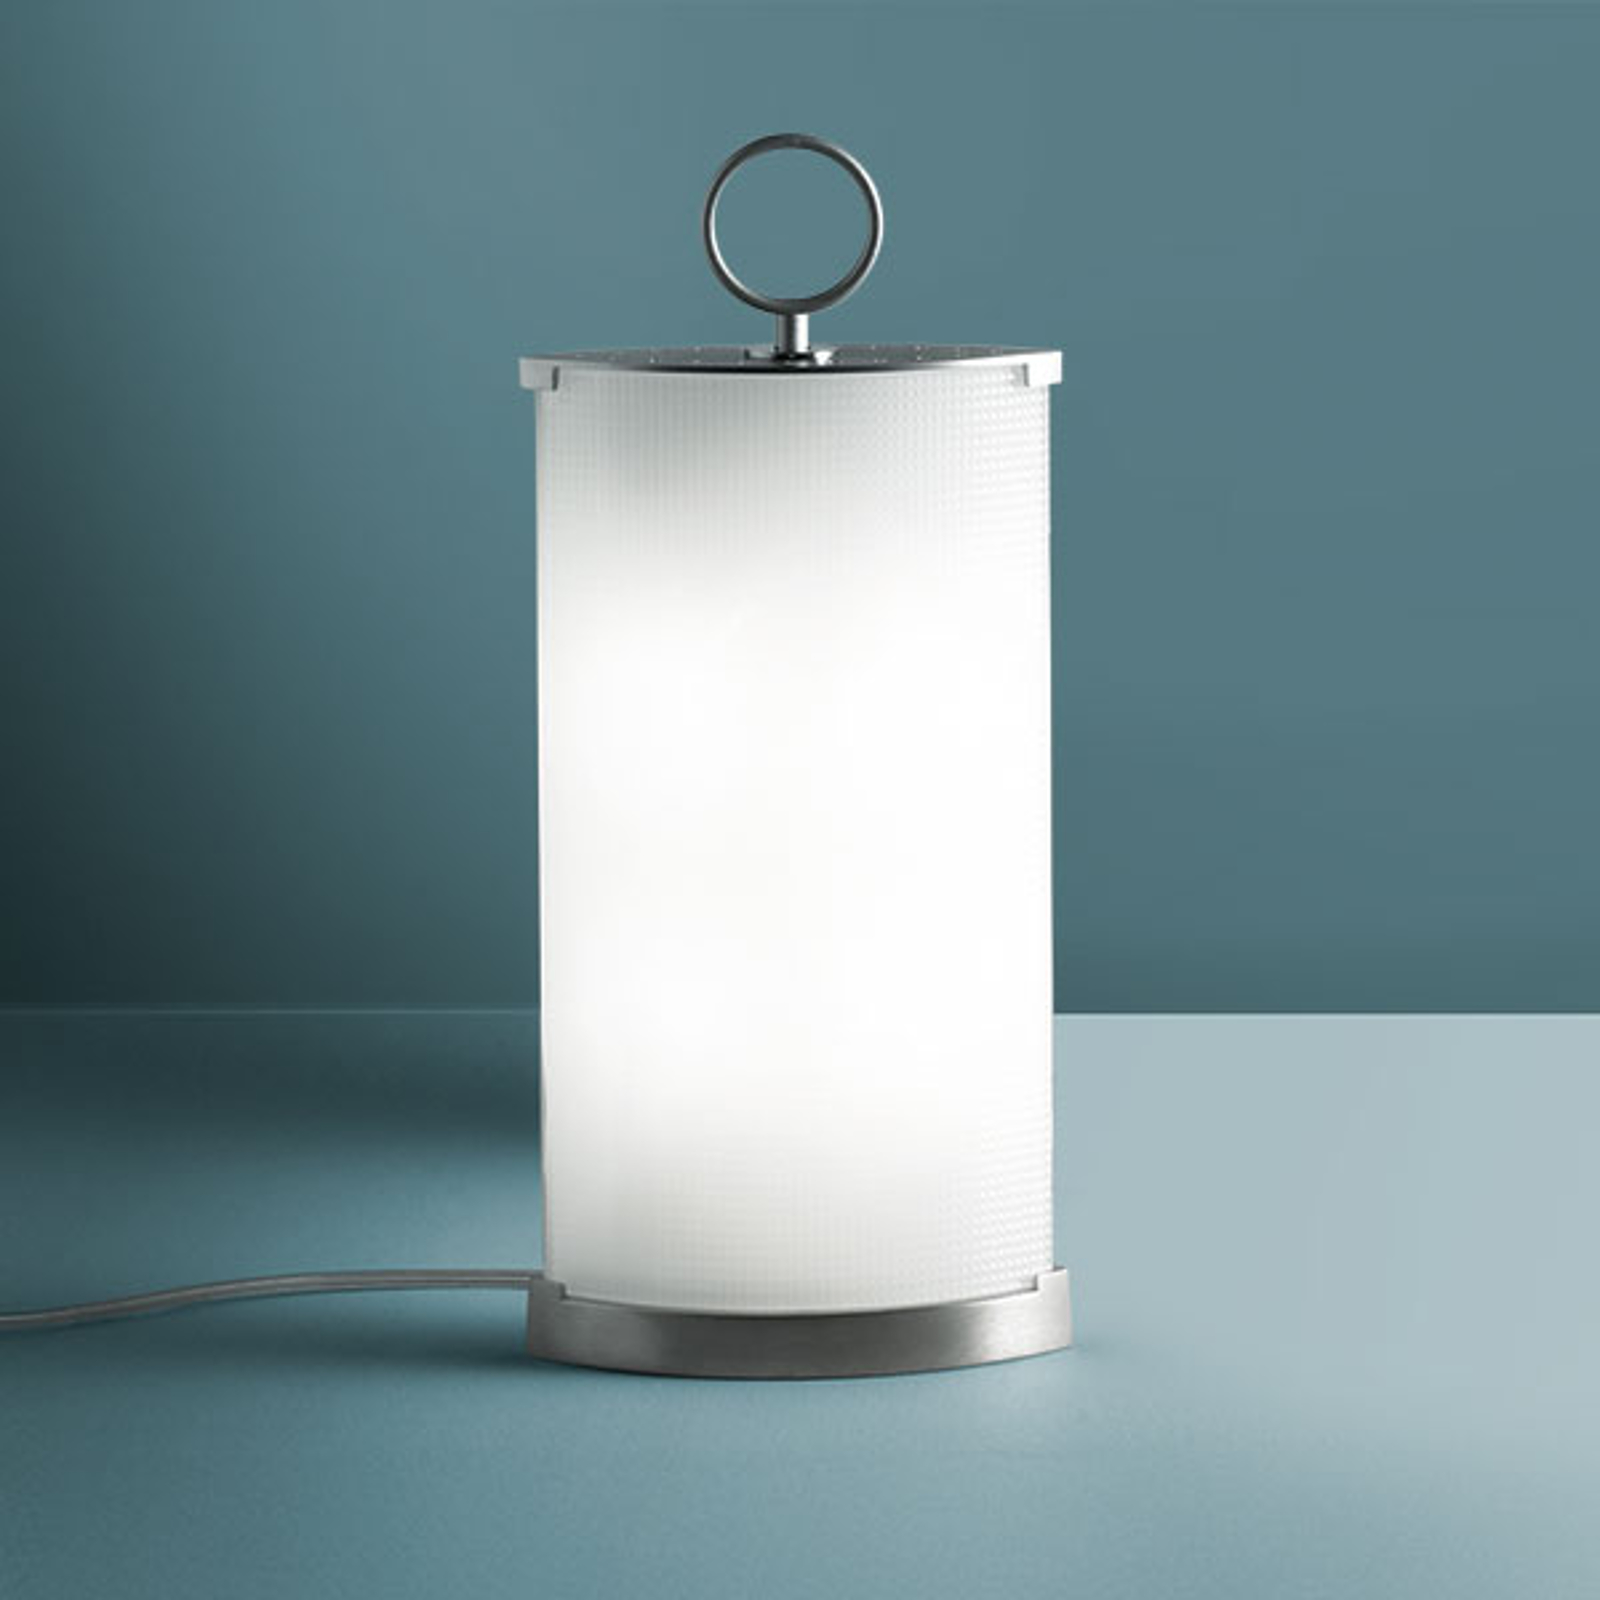 Lampe à poser moderne Pirellina 39 cm